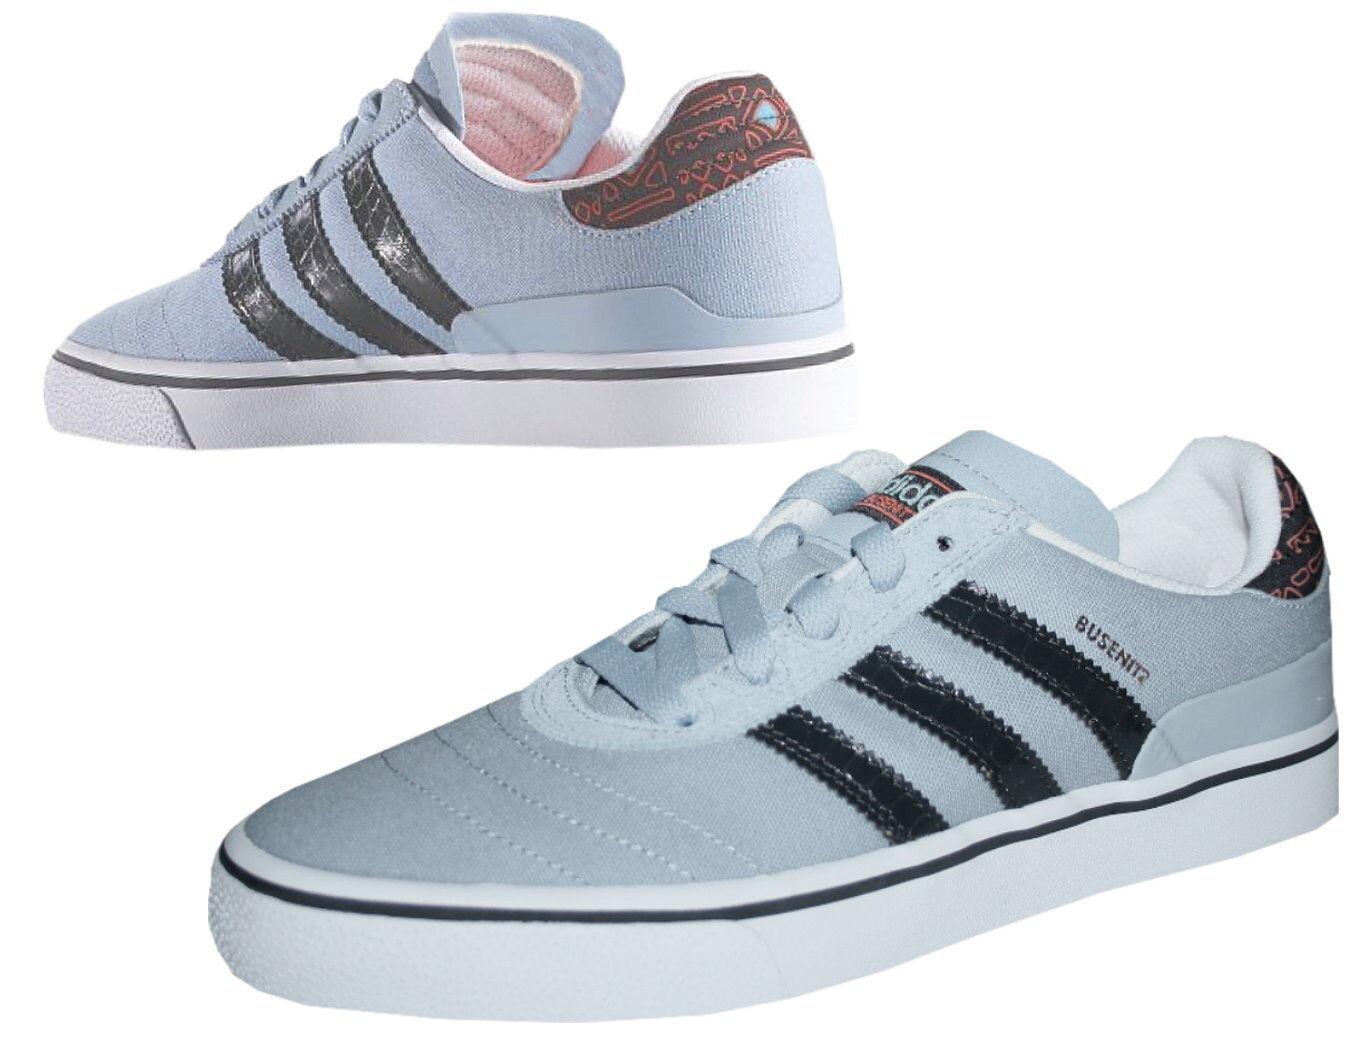 save off 26803 5d9b4 ... Adidas Busenitz Vulc Turnschuhe Skater Skater Skater grau Canvas Damen  Herren Gr. 39 1 3